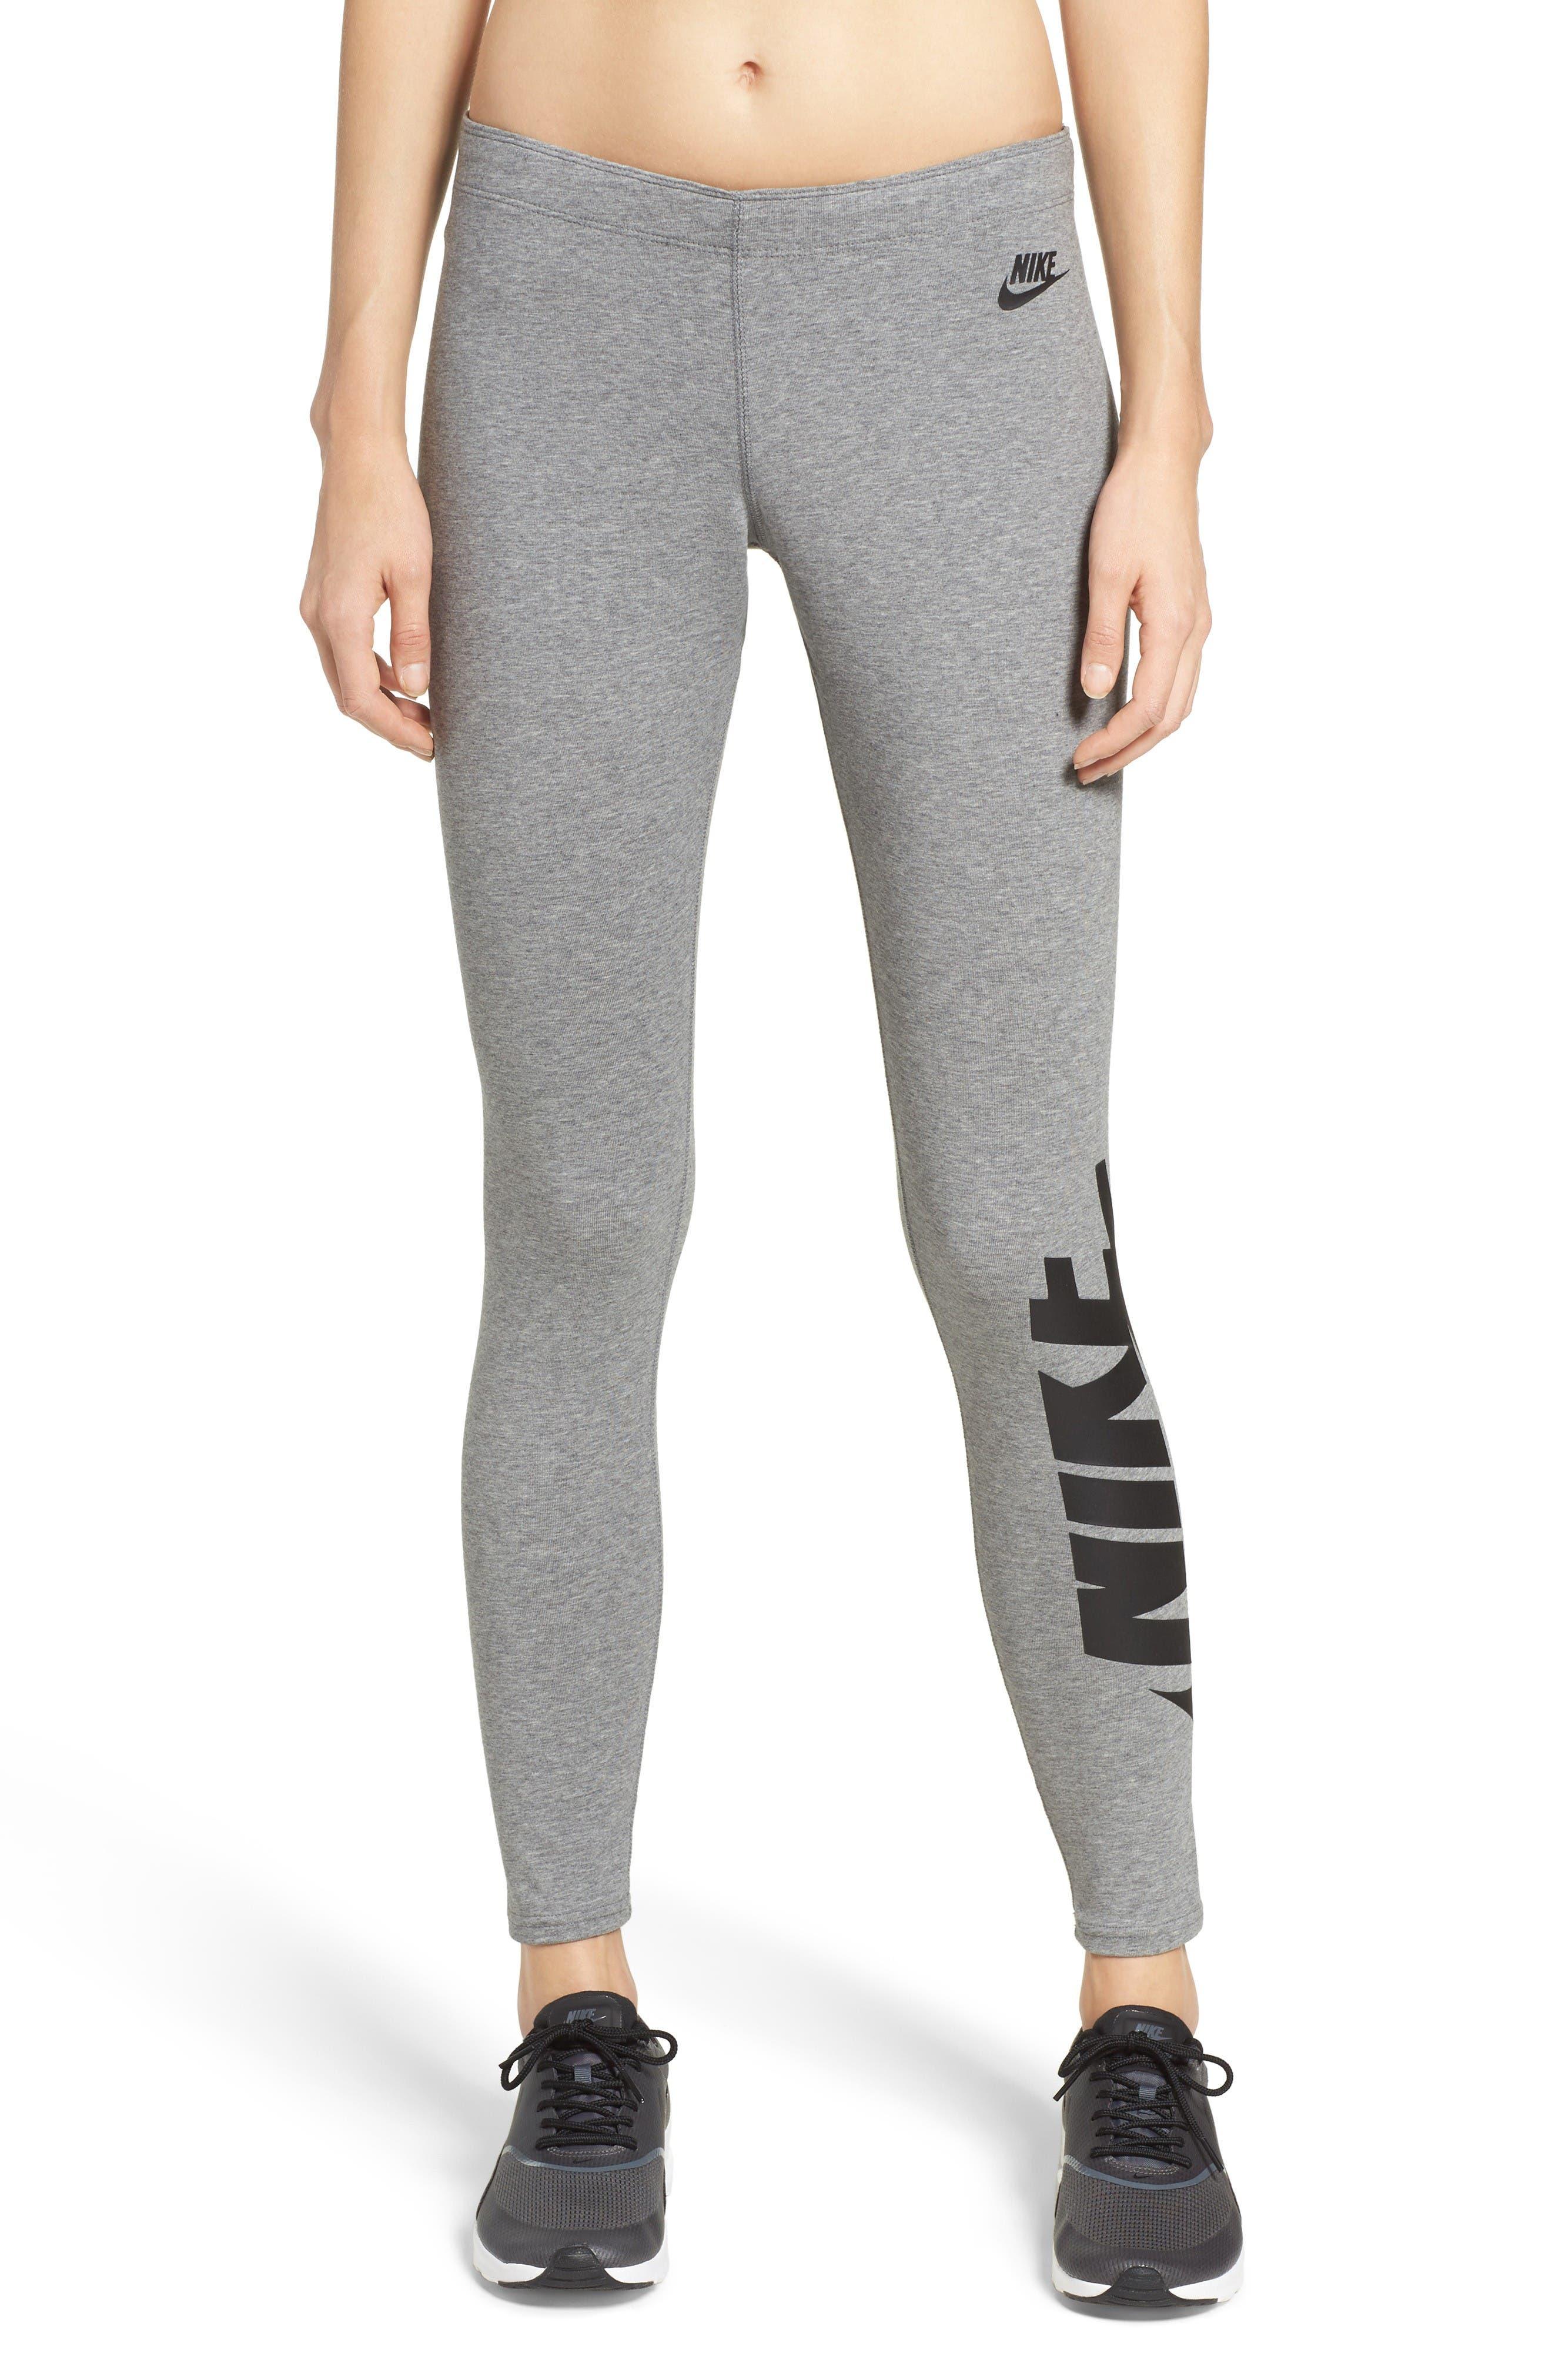 Alternate Image 1 Selected - Nike Irreverent Leggings